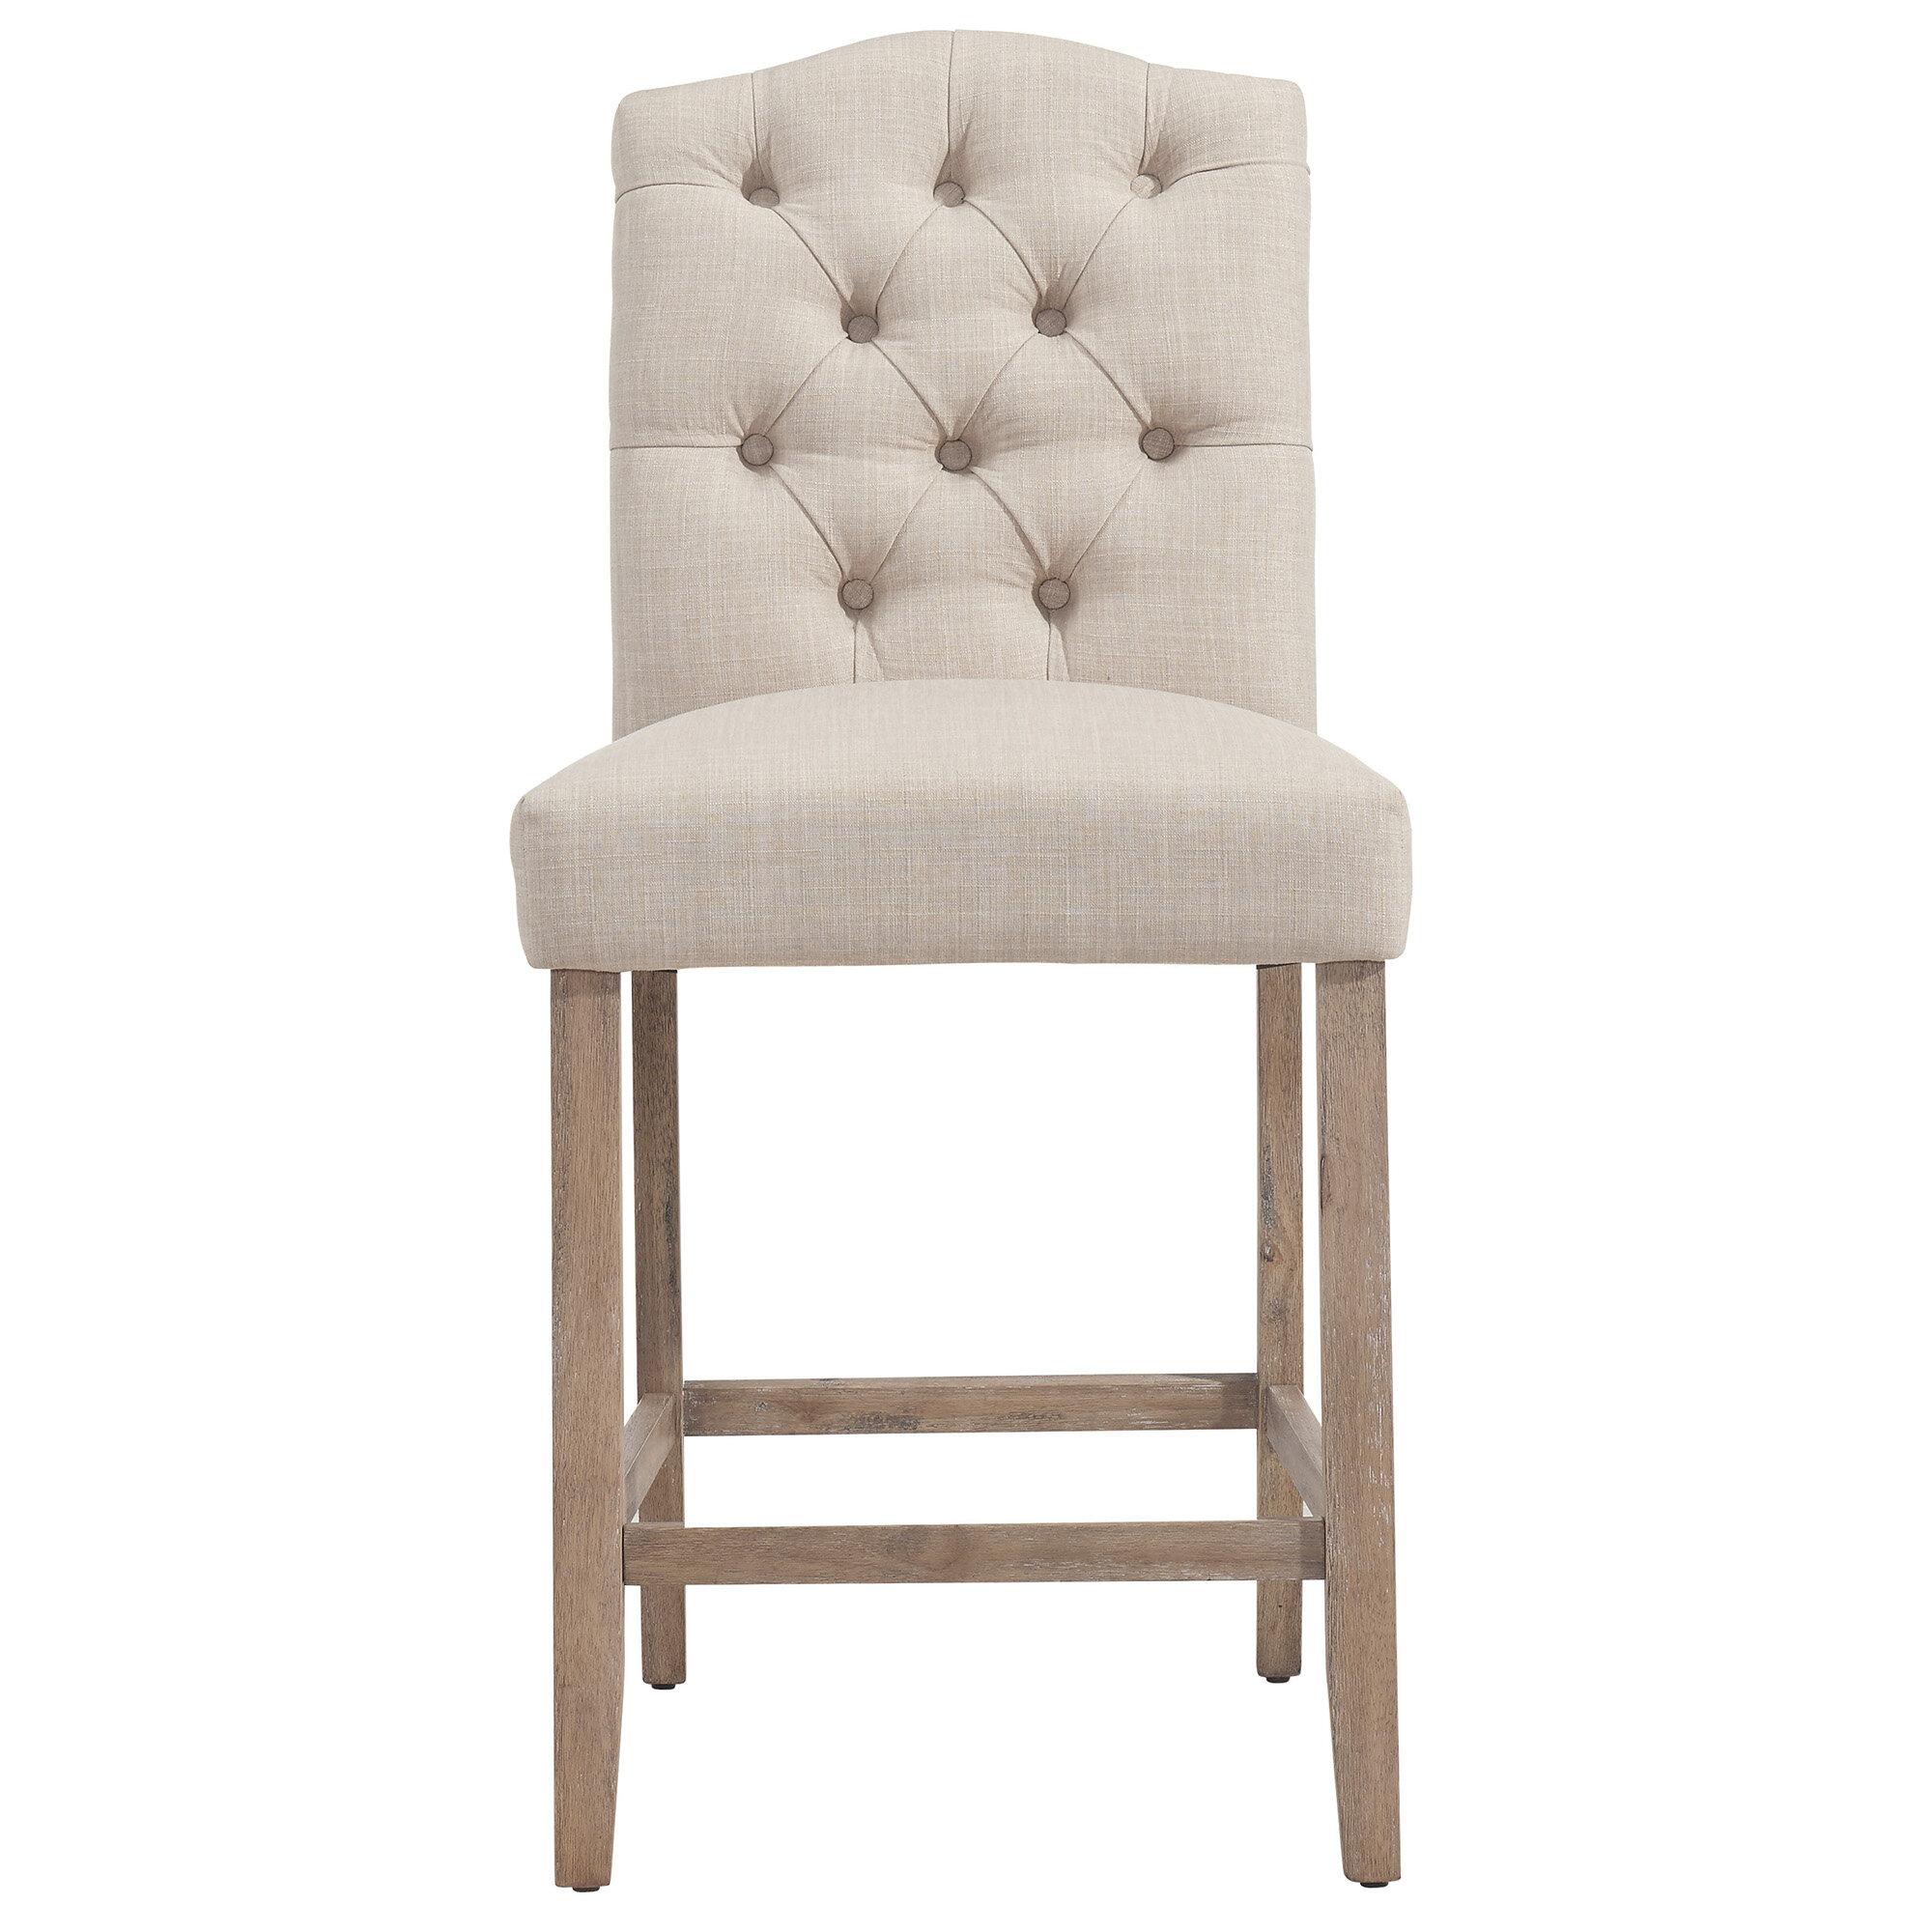 Willa arlo interiors adcock 26 bar stool reviews wayfair ca